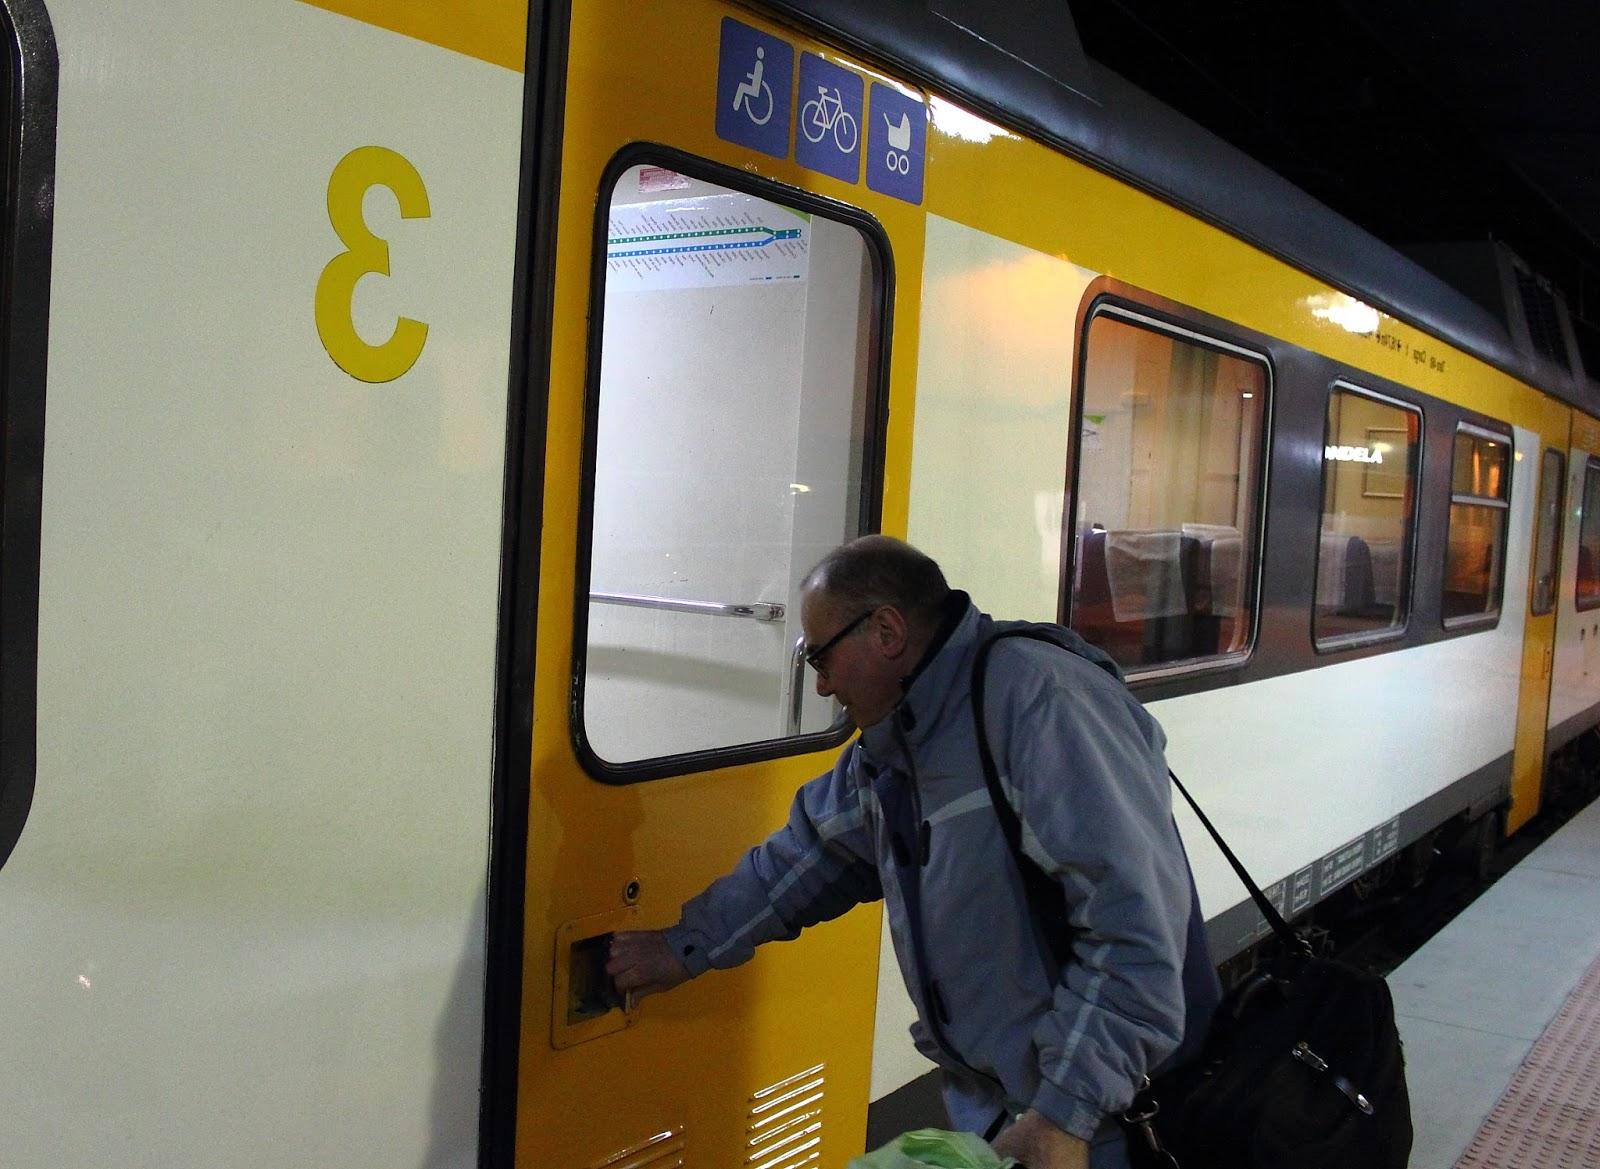 Horario Trenes Vigo Coruña X8d1 Redondelan Express El Tren Vigo Porto Reduce Una Hora Pero Necesita